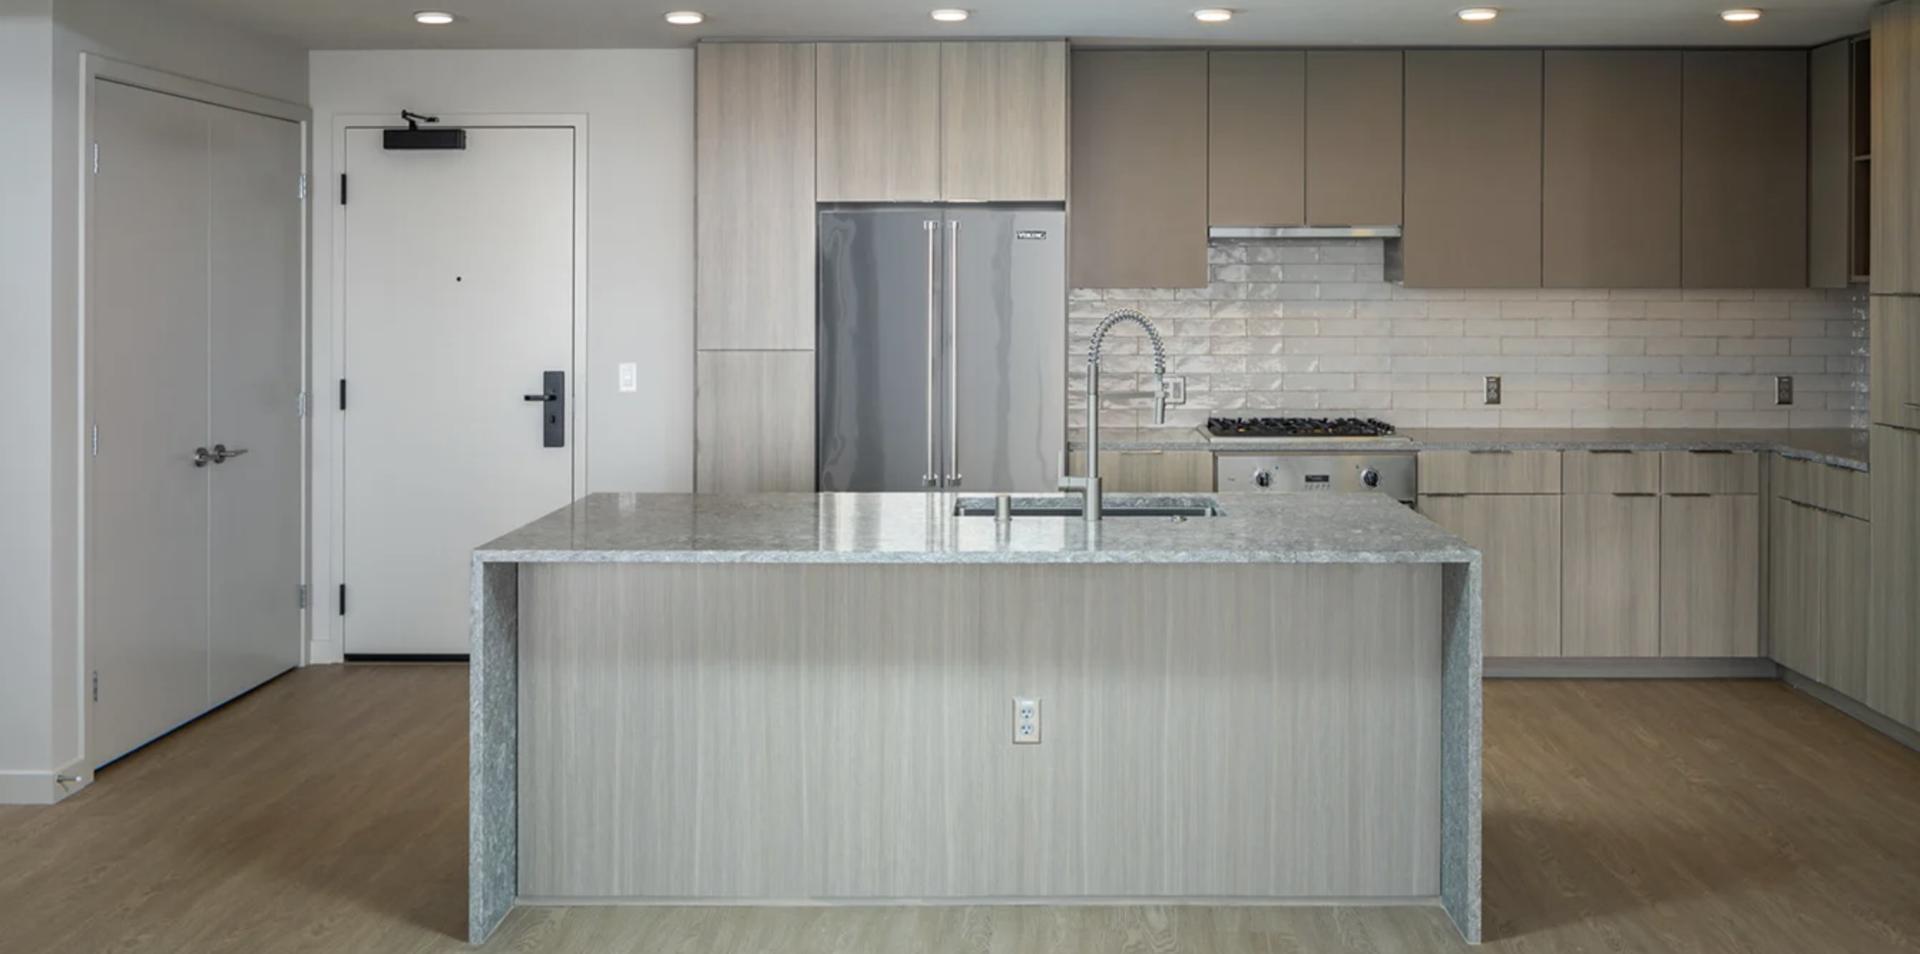 601 11th Avenue #2313, San Diego, CA - $4,415 USD/ month